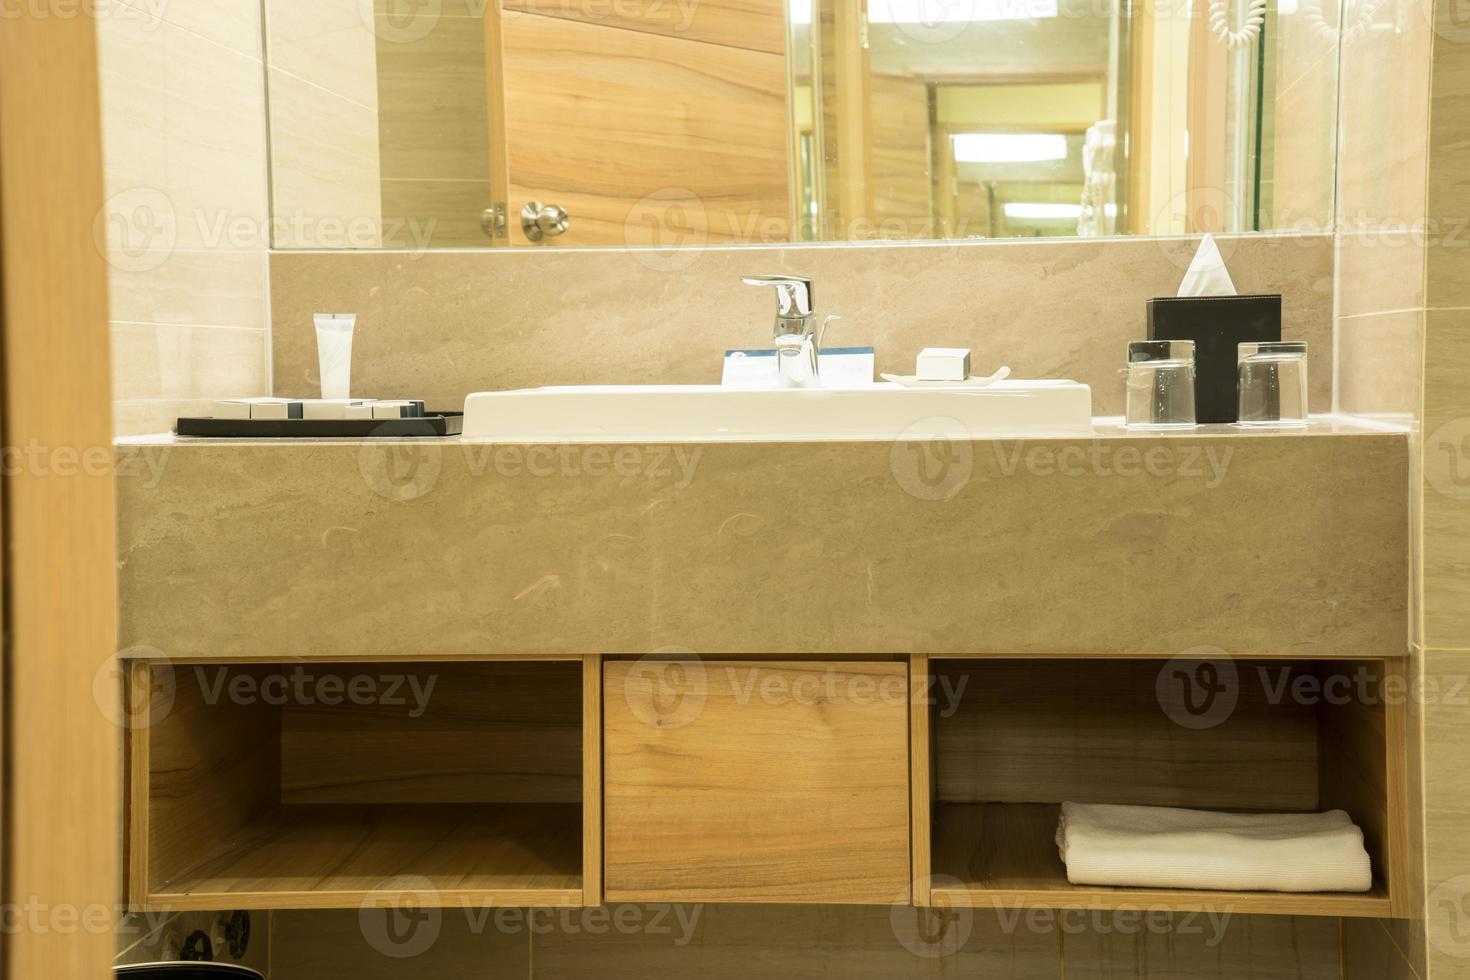 wastafel en spiegel foto